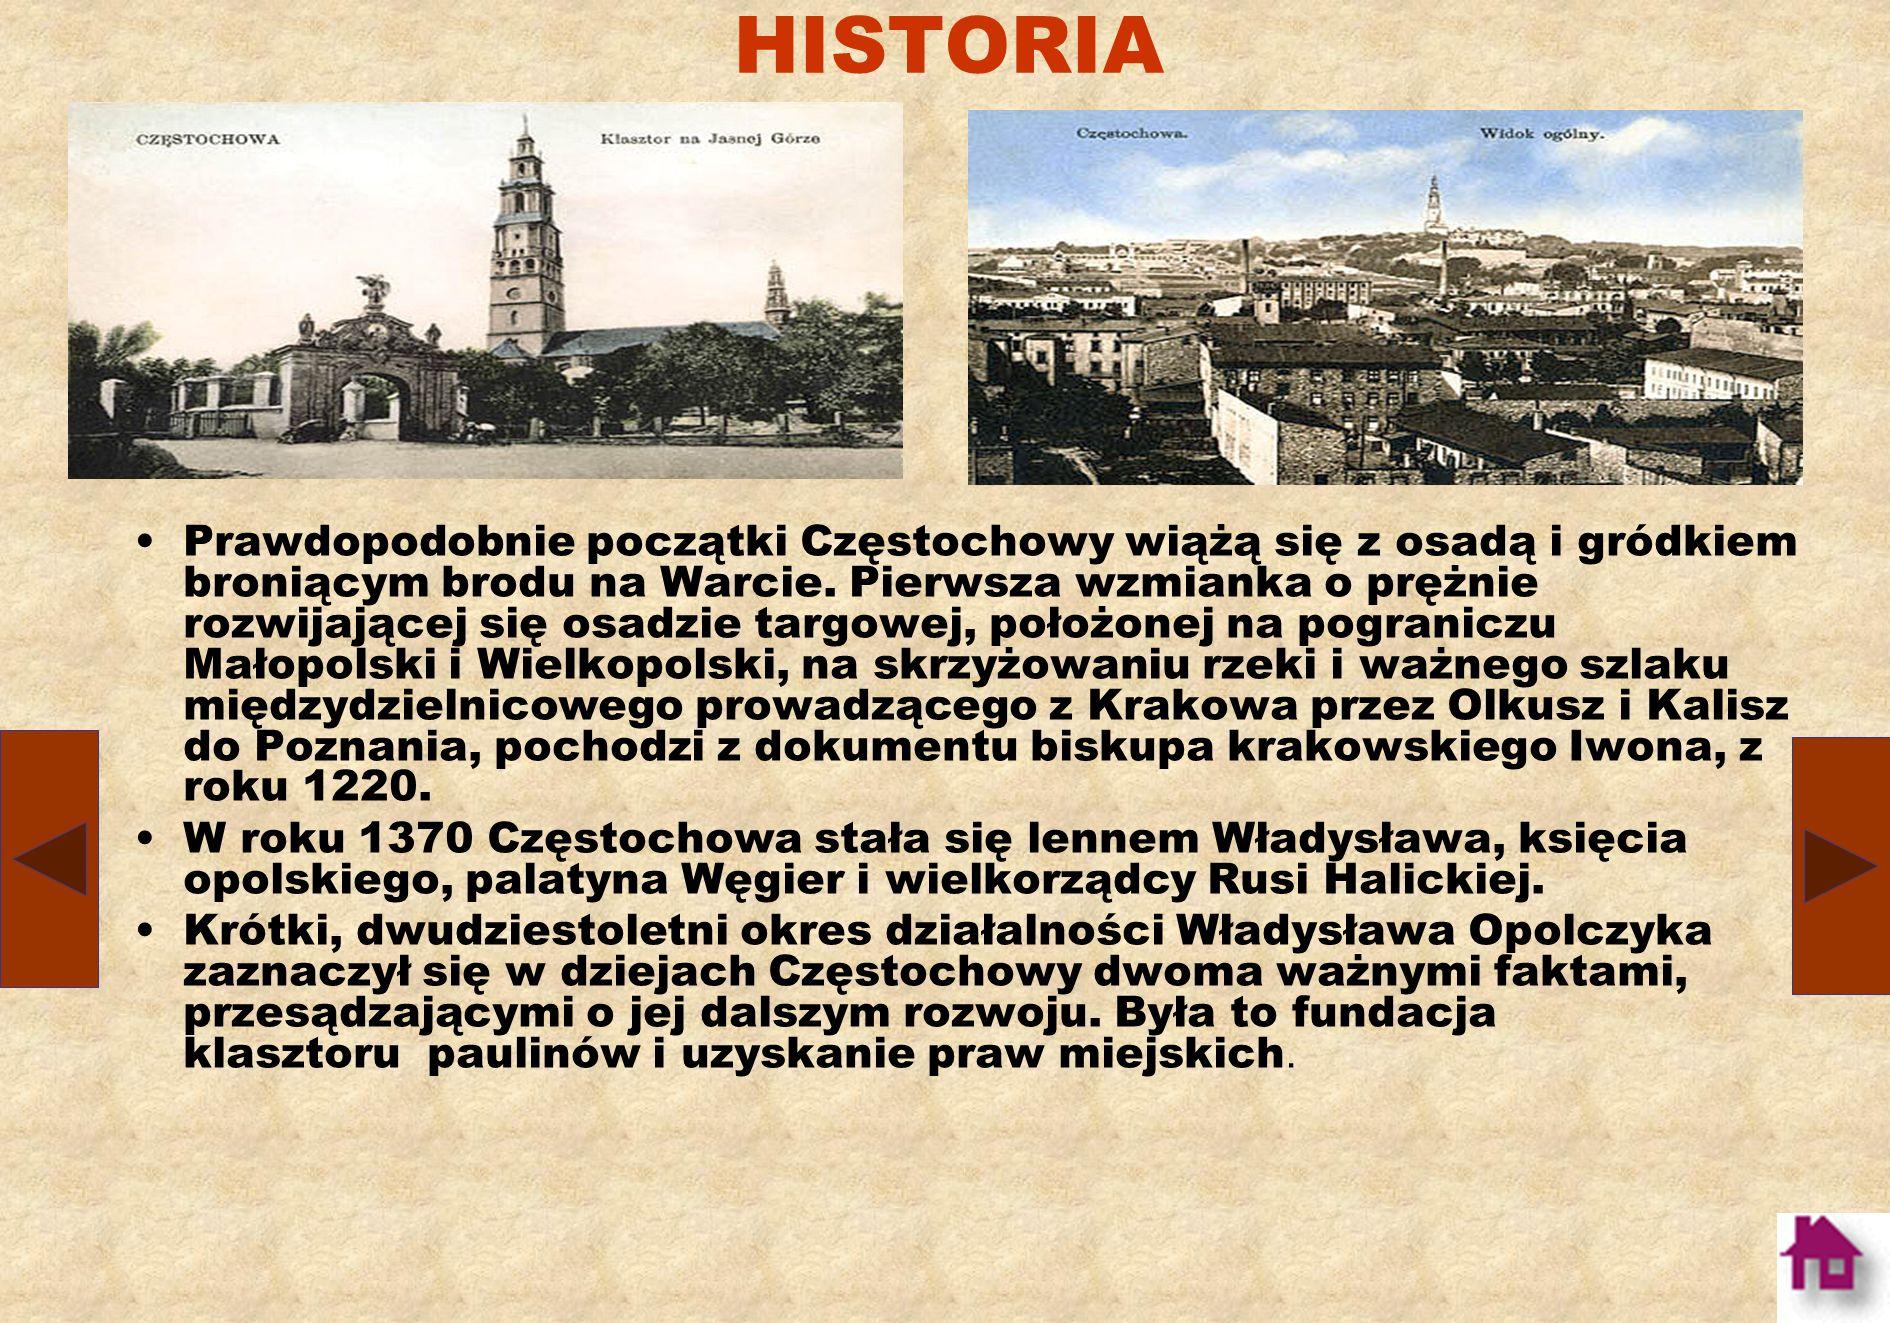 HERB Uchwałą nr 249/XXIX/92 Rady Miasta Częstochowy z 25 czerwca 1992 r. ustalono, że herbem Częstochowy jest: w błękitnym polu tarczy godło przedstaw